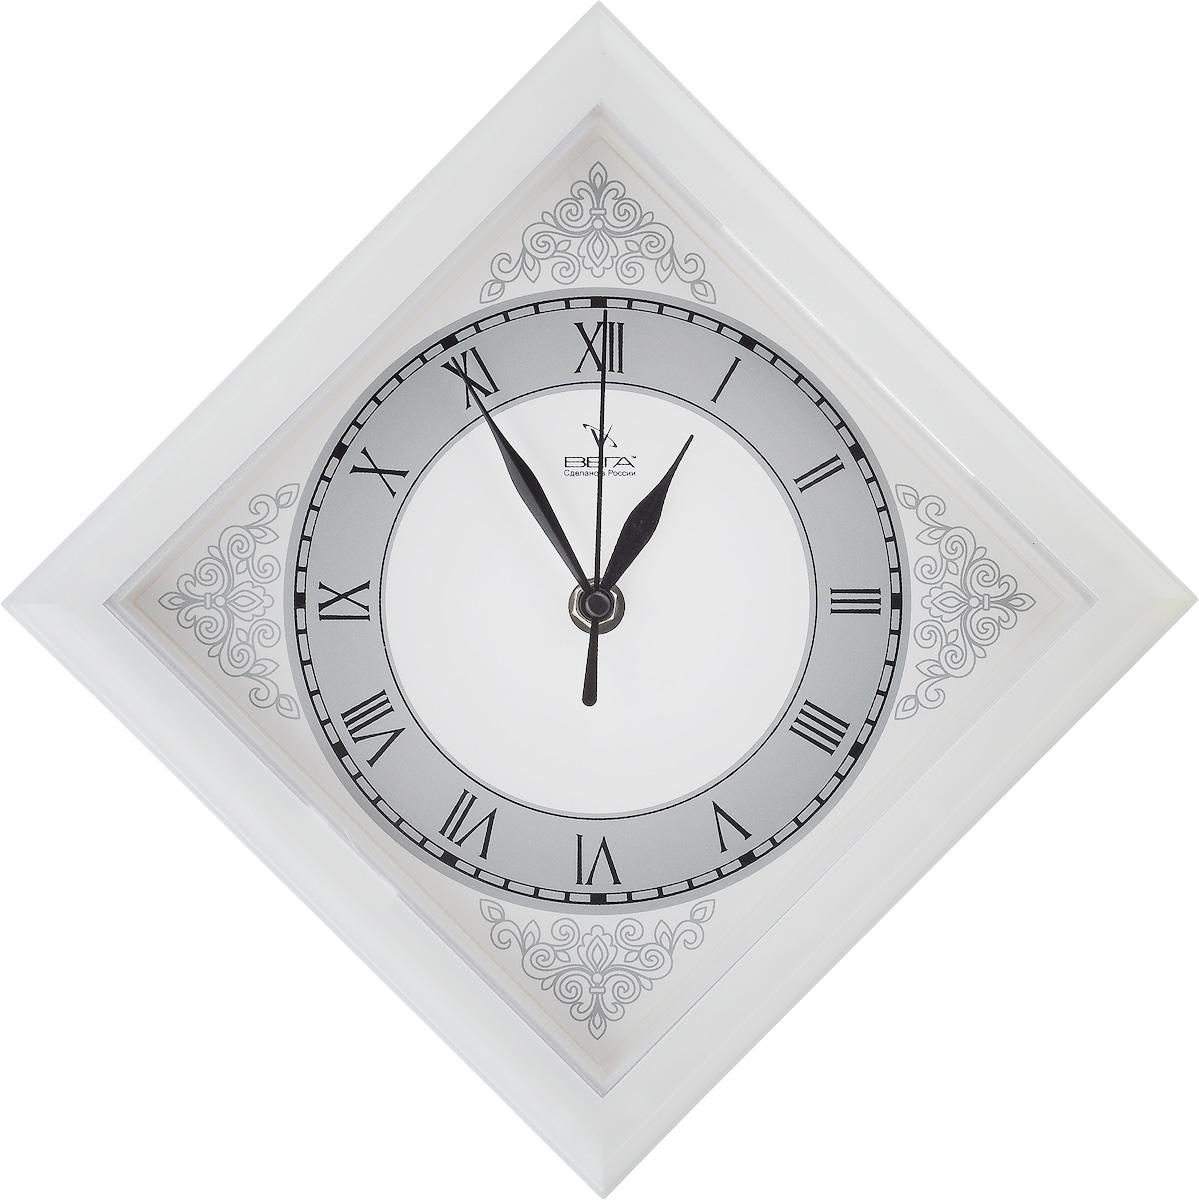 Часы настенные Вега Узоры, 20,6 х 20,6 х 4 смП1-7/7-7Настенные кварцевые часы Вега Узоры в классическом дизайне, изготовленные из пластика, прекрасно впишутся в интерьер вашего дома. Часы имеют три стрелки: часовую, минутную и секундную, циферблат защищен прозрачным пластиком. Часы работают от 1 батарейки типа АА напряжением 1,5 В (не входит в комплект).